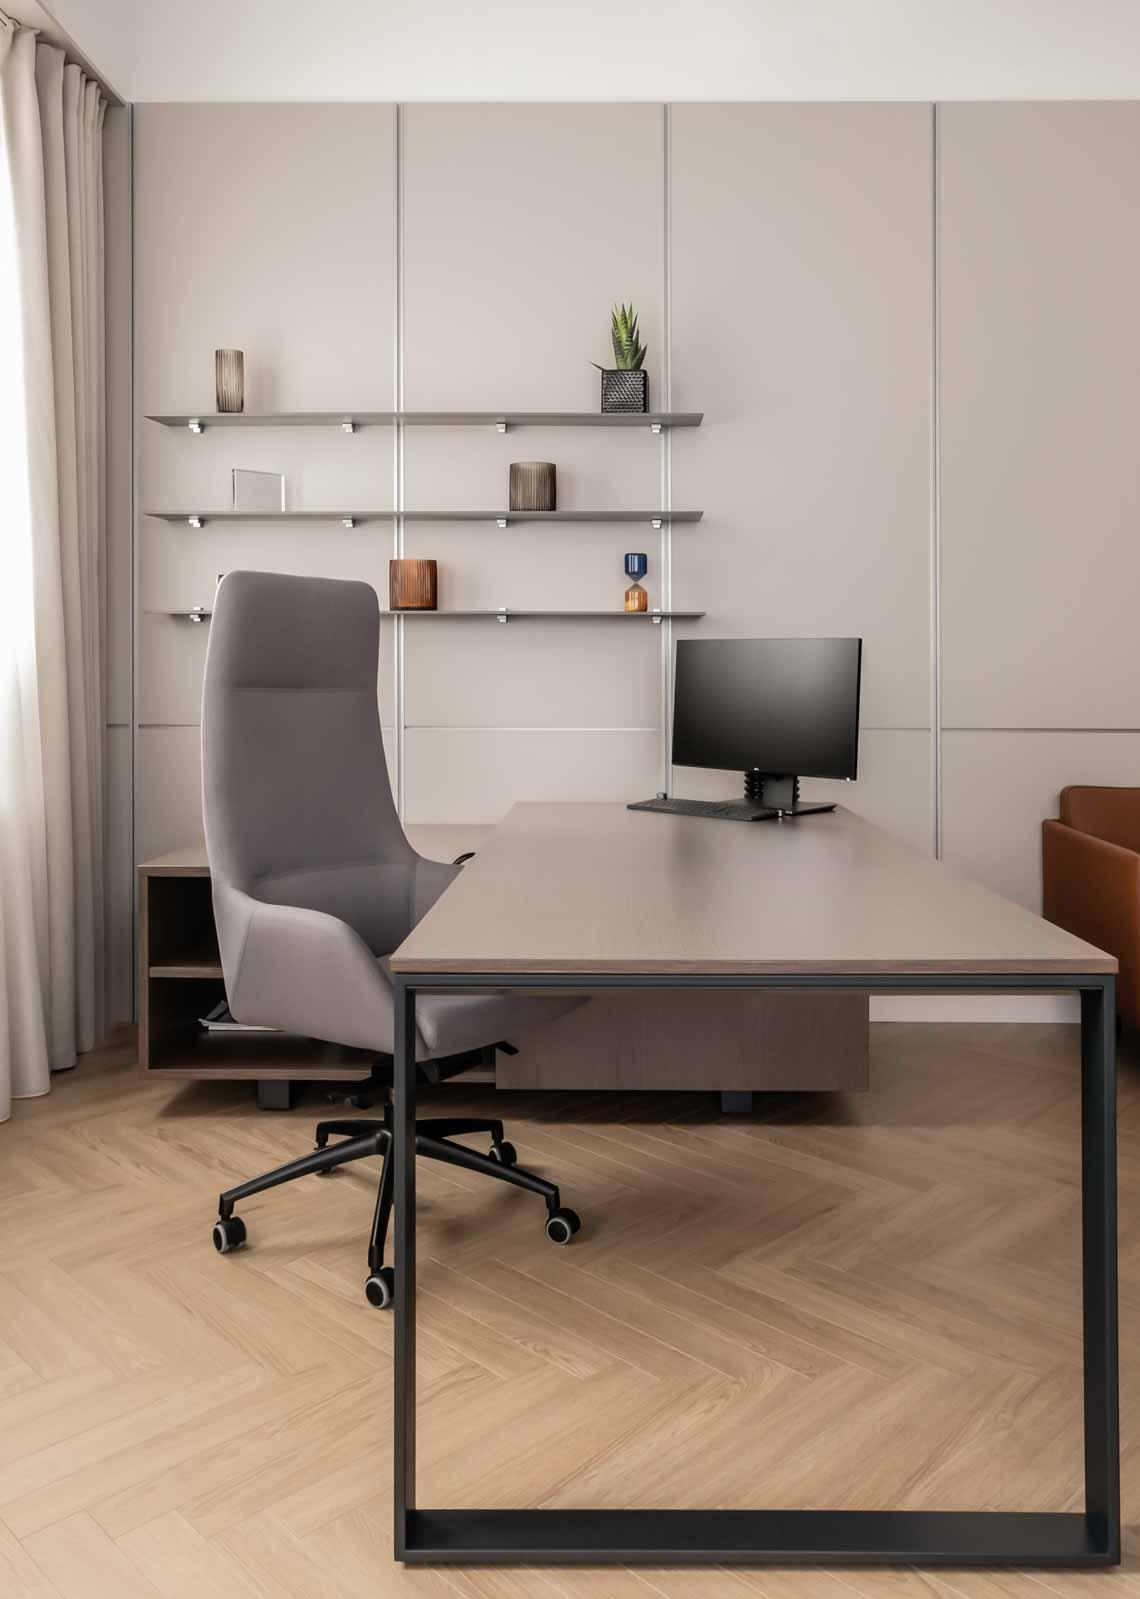 Dự án FG OFF – Một văn phòng không gian hình học màu cam -34